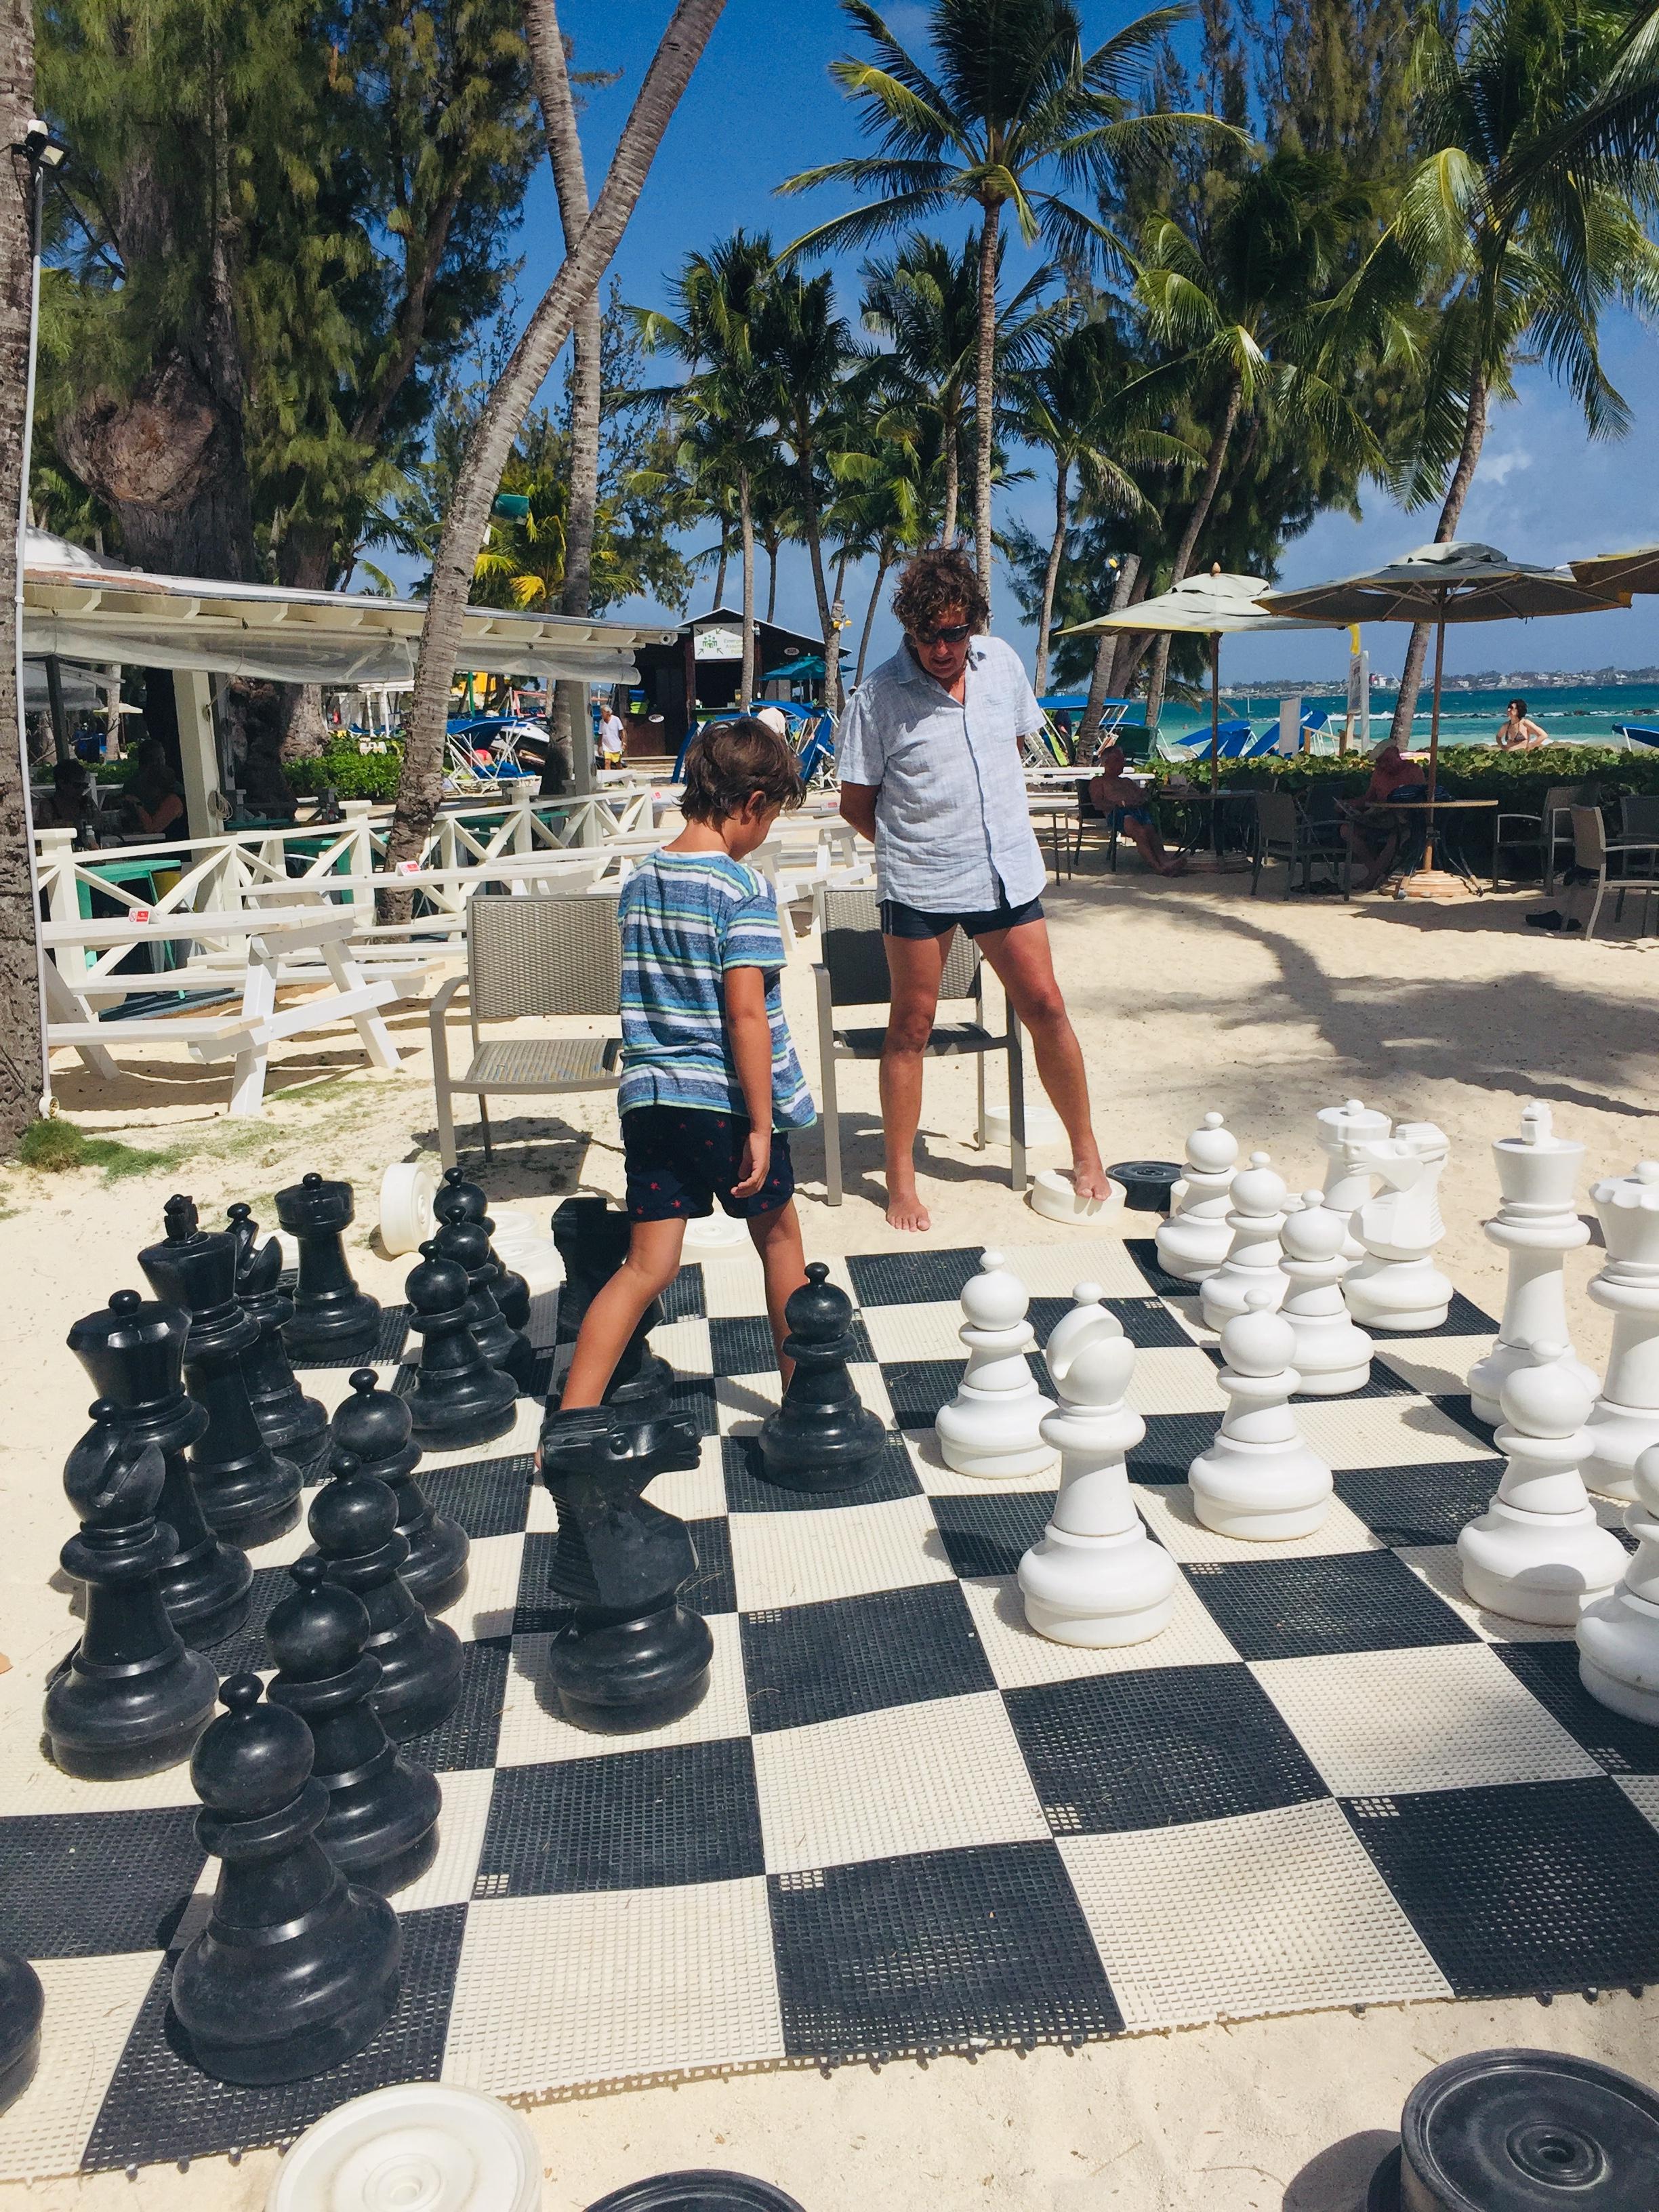 The Beach Chess Challenge